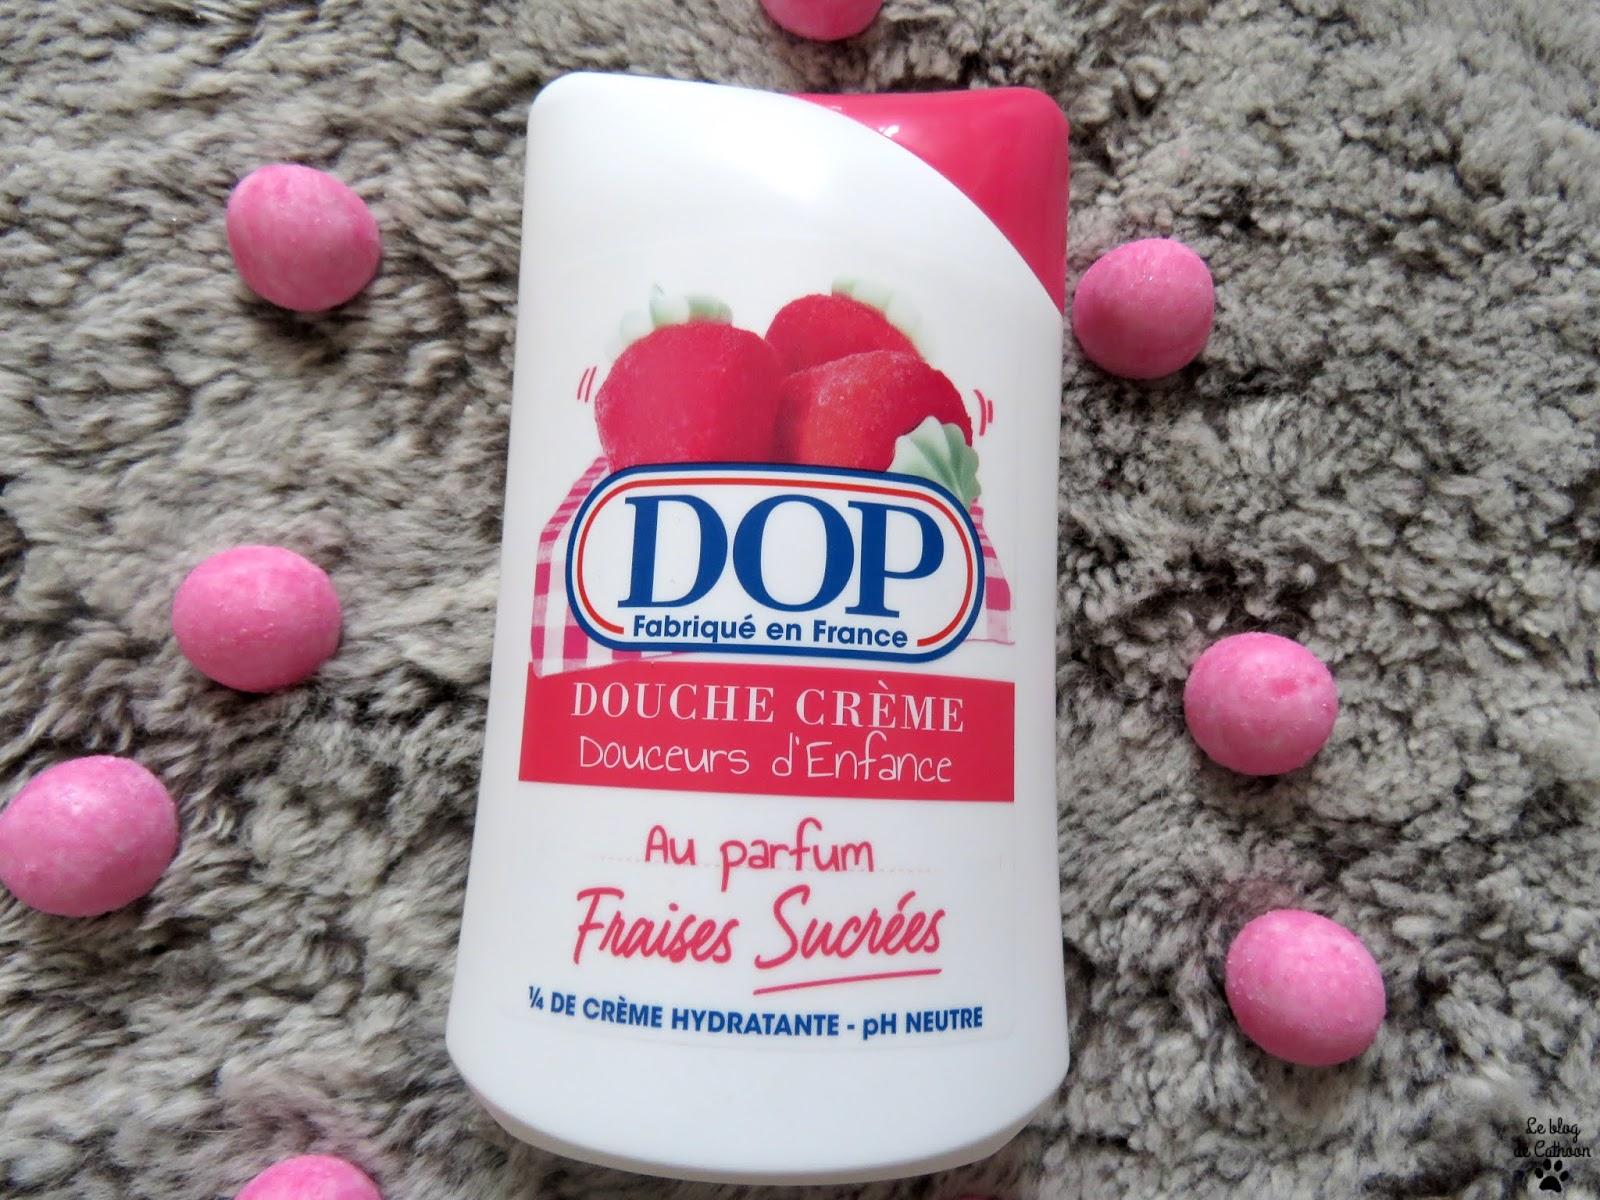 Douce crème Douceur d'Enfance - Fraises Sucrées - Dop